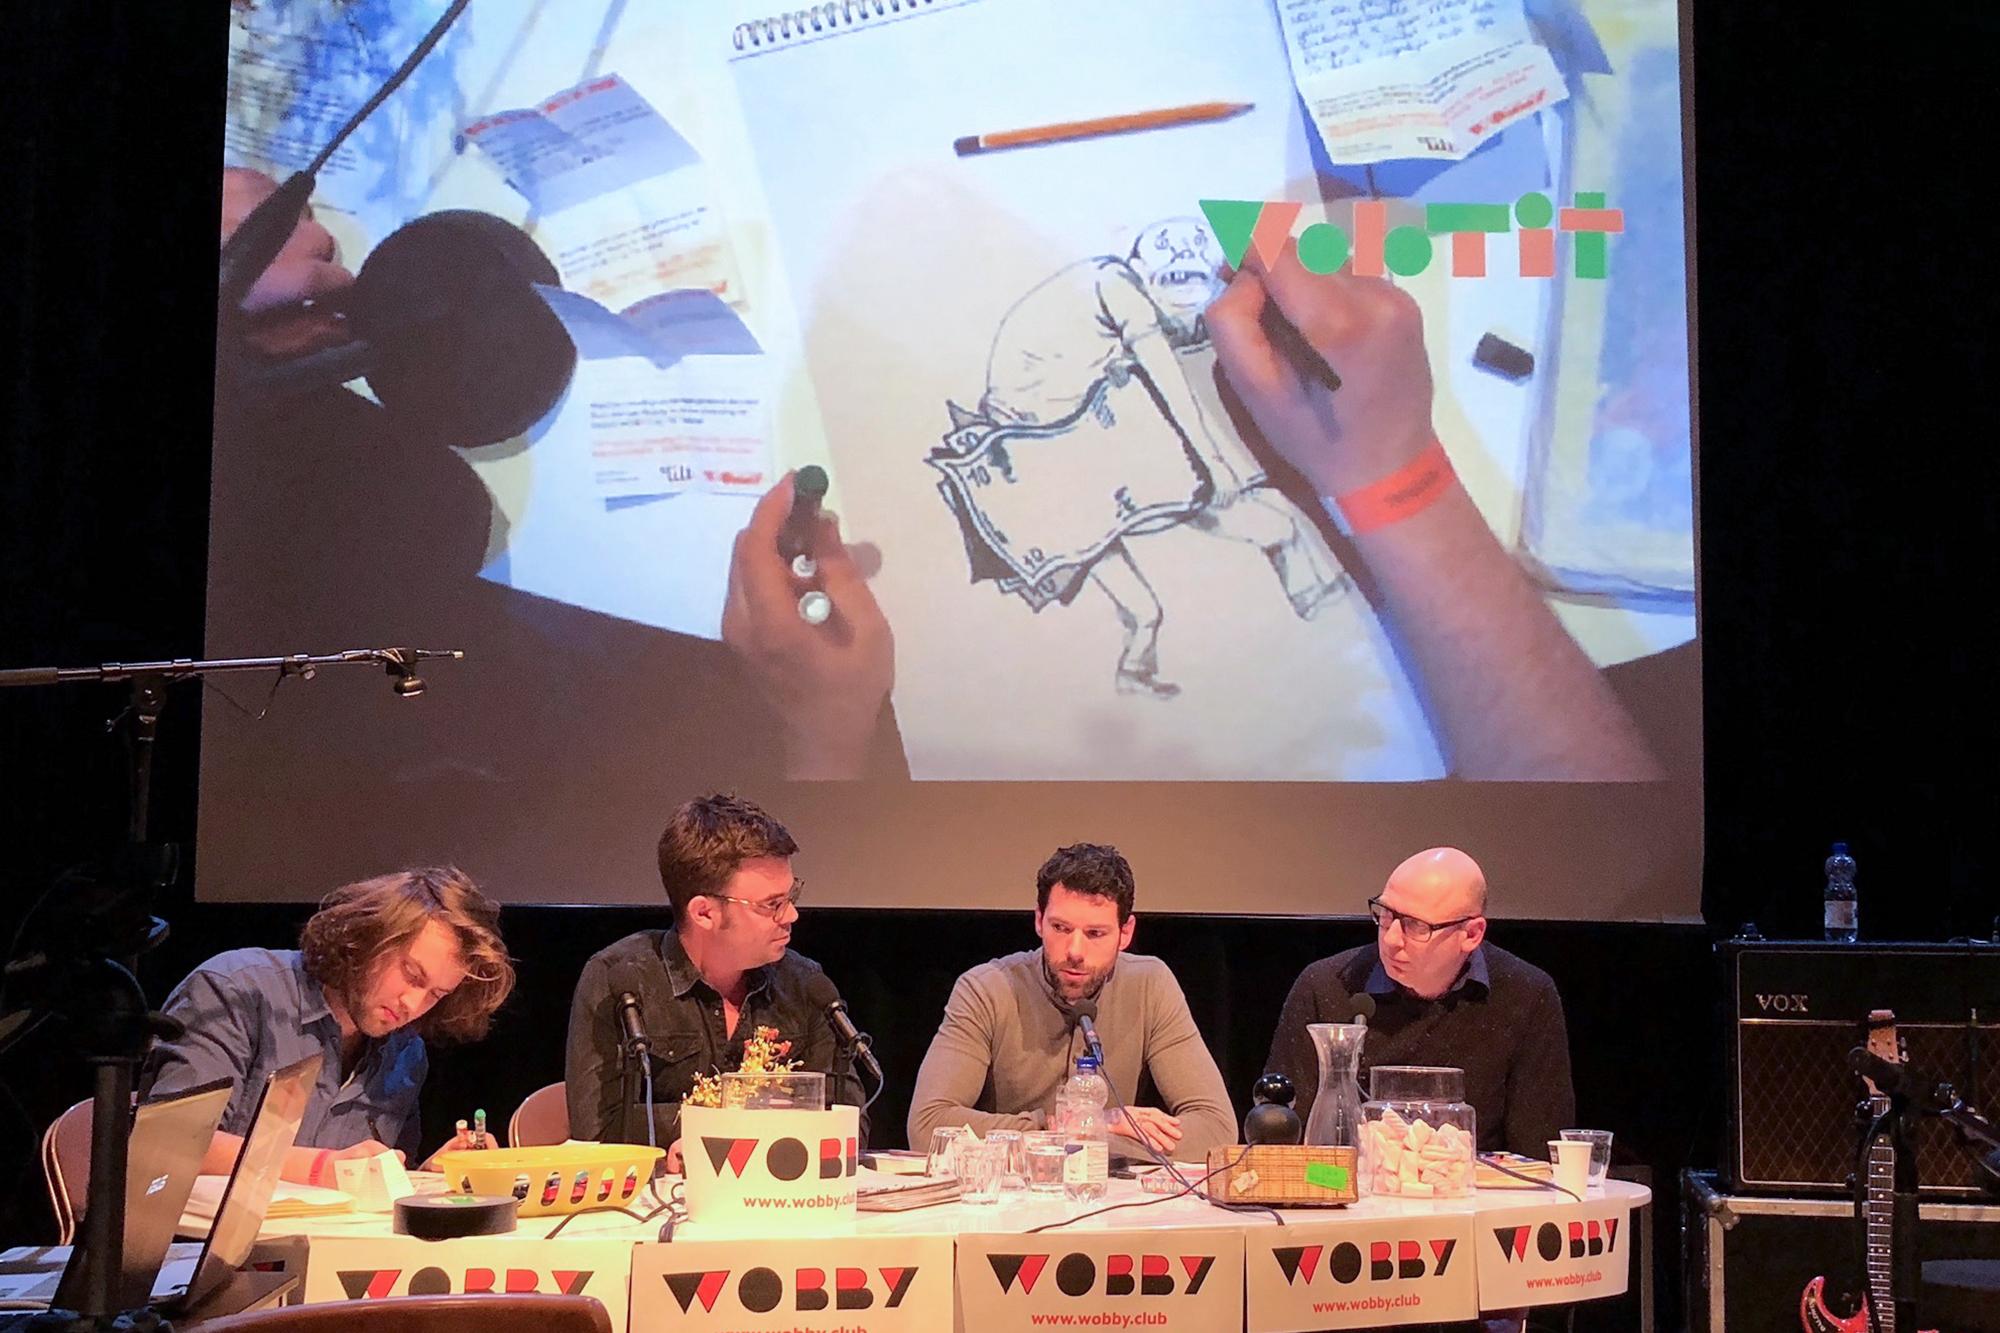 Artist Lukas Verstraete, interviewer Lukas Meijsen, writer Henk van Straten and radiohost Jeroen de Leijer